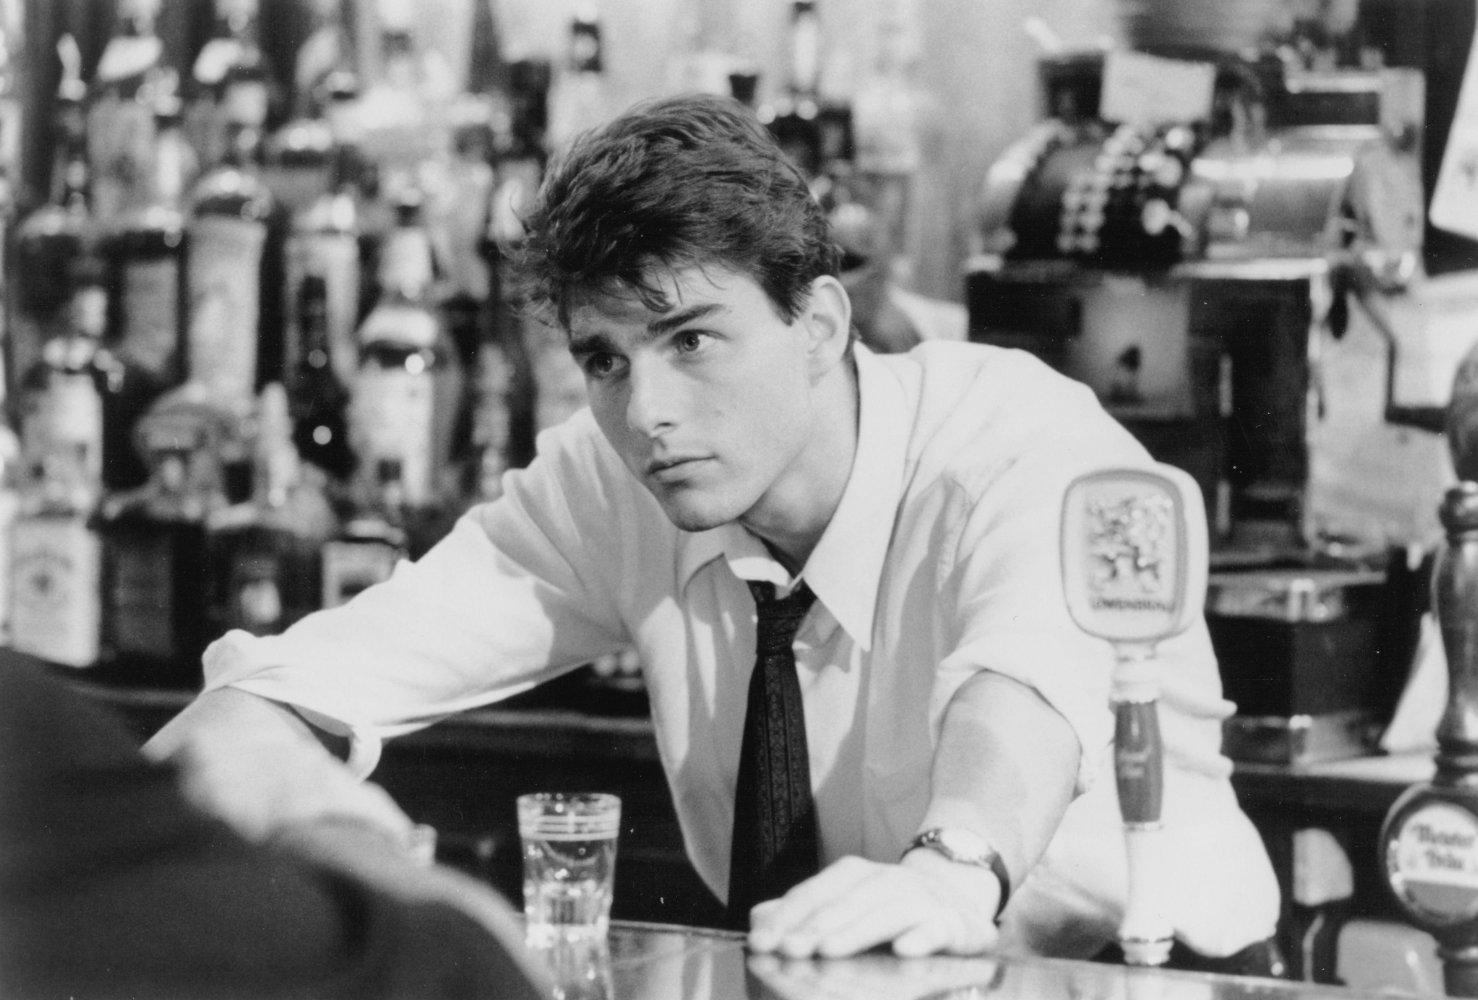 Tom Cruise – Từng là người nghệ sĩ thách thức những giới hạn - Ảnh 3.